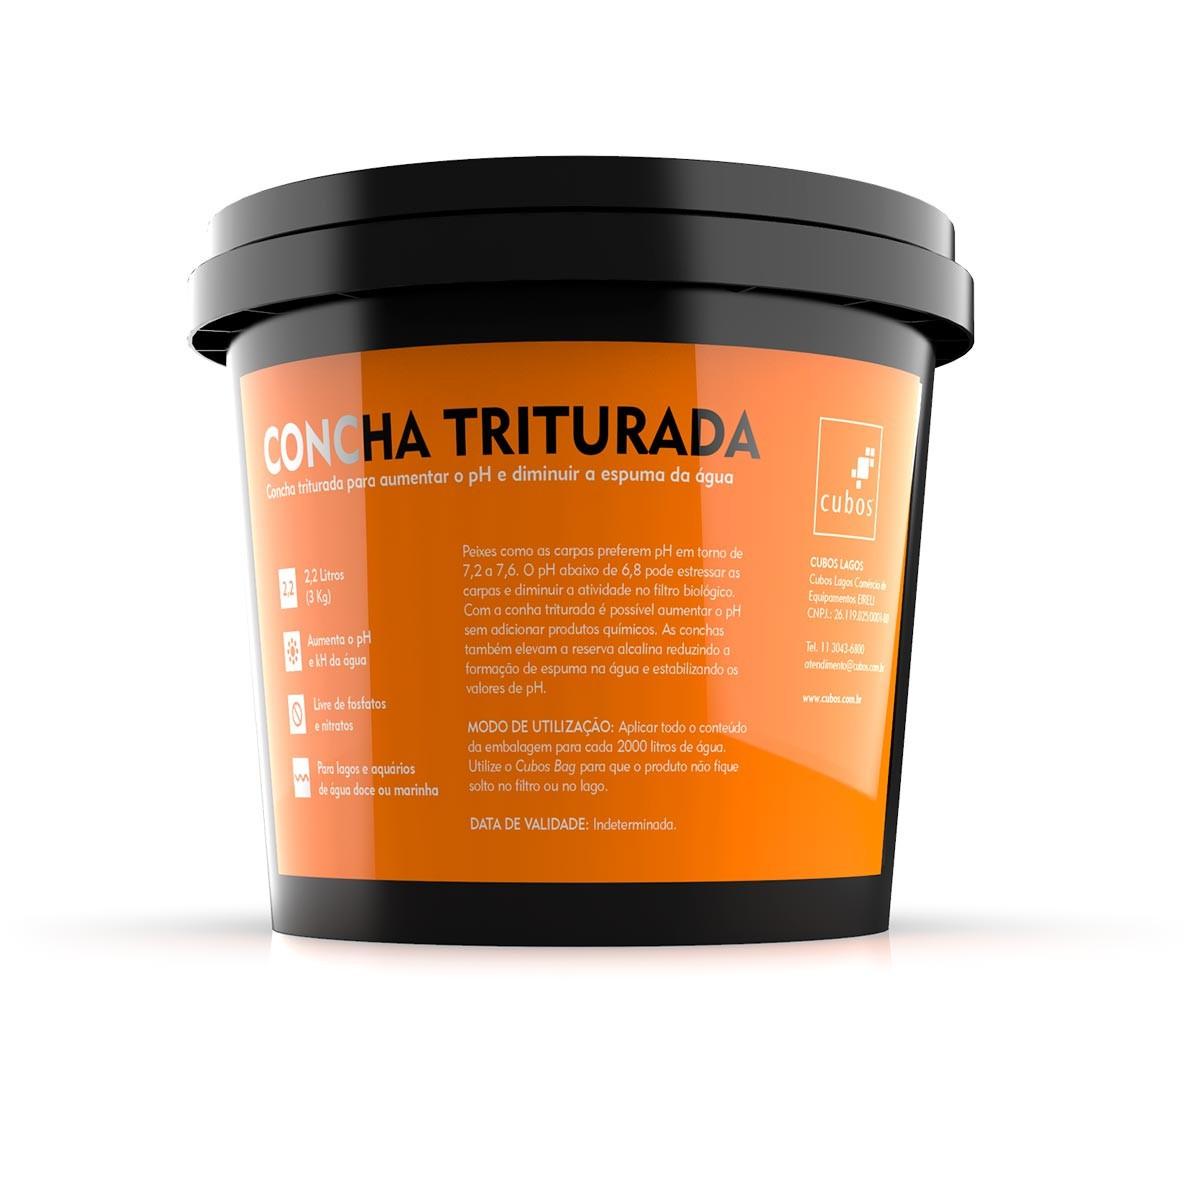 kit Cubos Mídia 3 em 1 - Bioz + Concha Triturada + Carvão ativado 2,2L + Bag Zíper